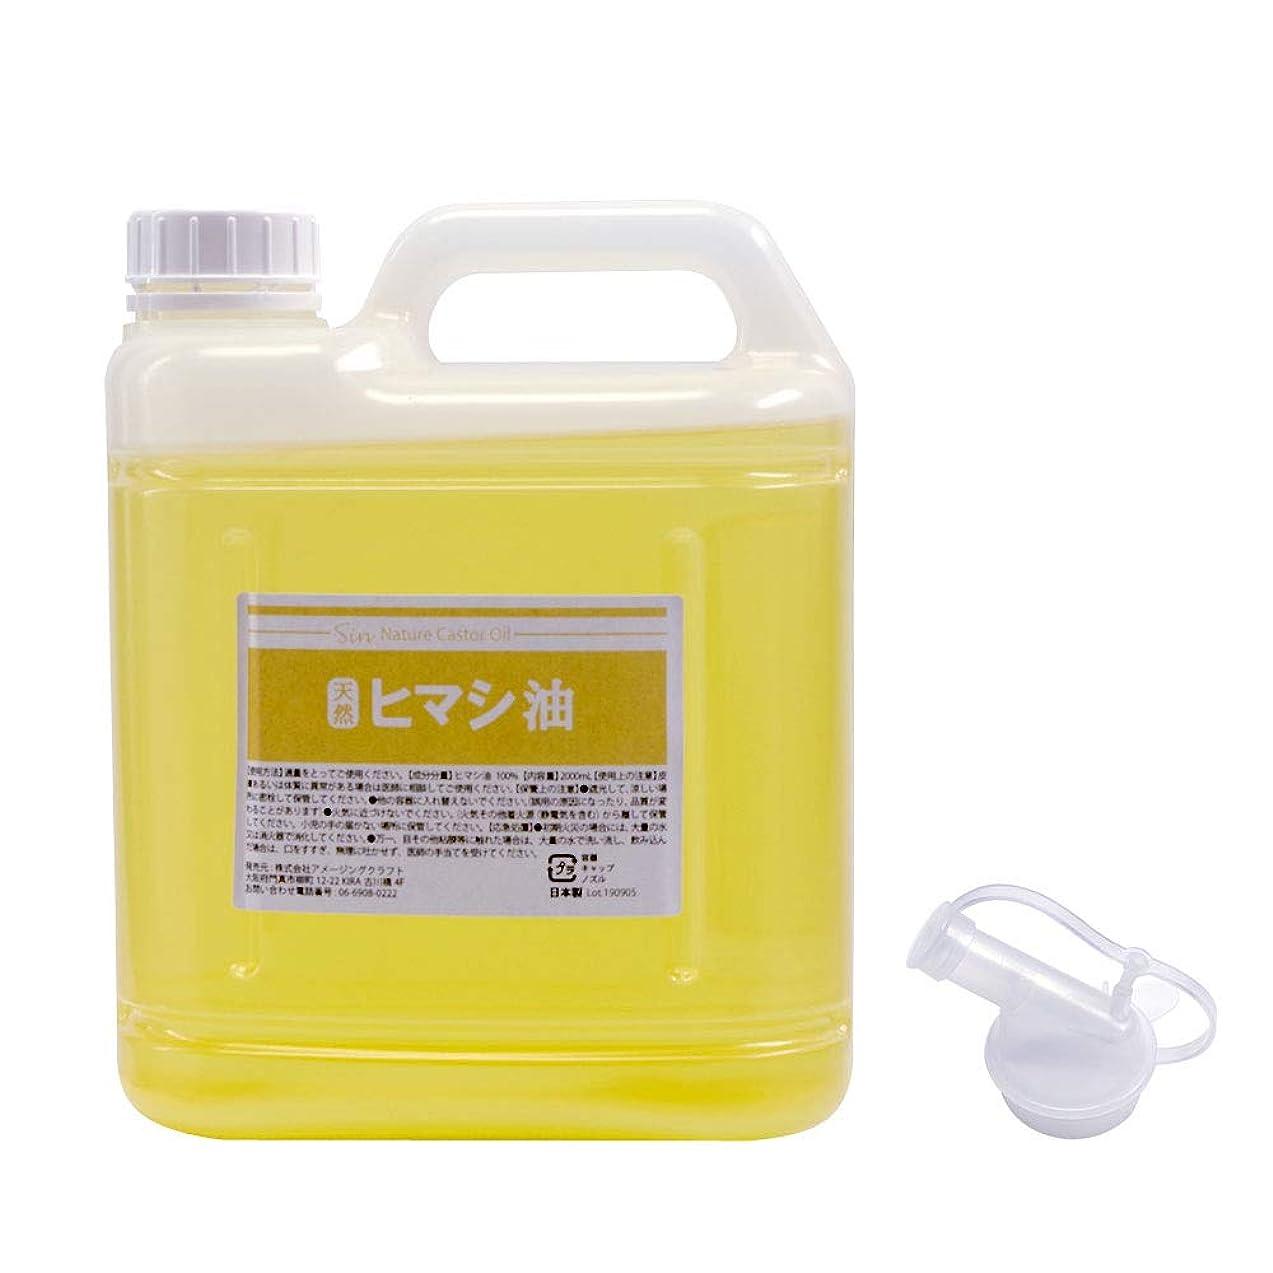 消去勤勉茎天然無添加 国内精製ひまし油 (キャスターオイル) 2000ml 2L